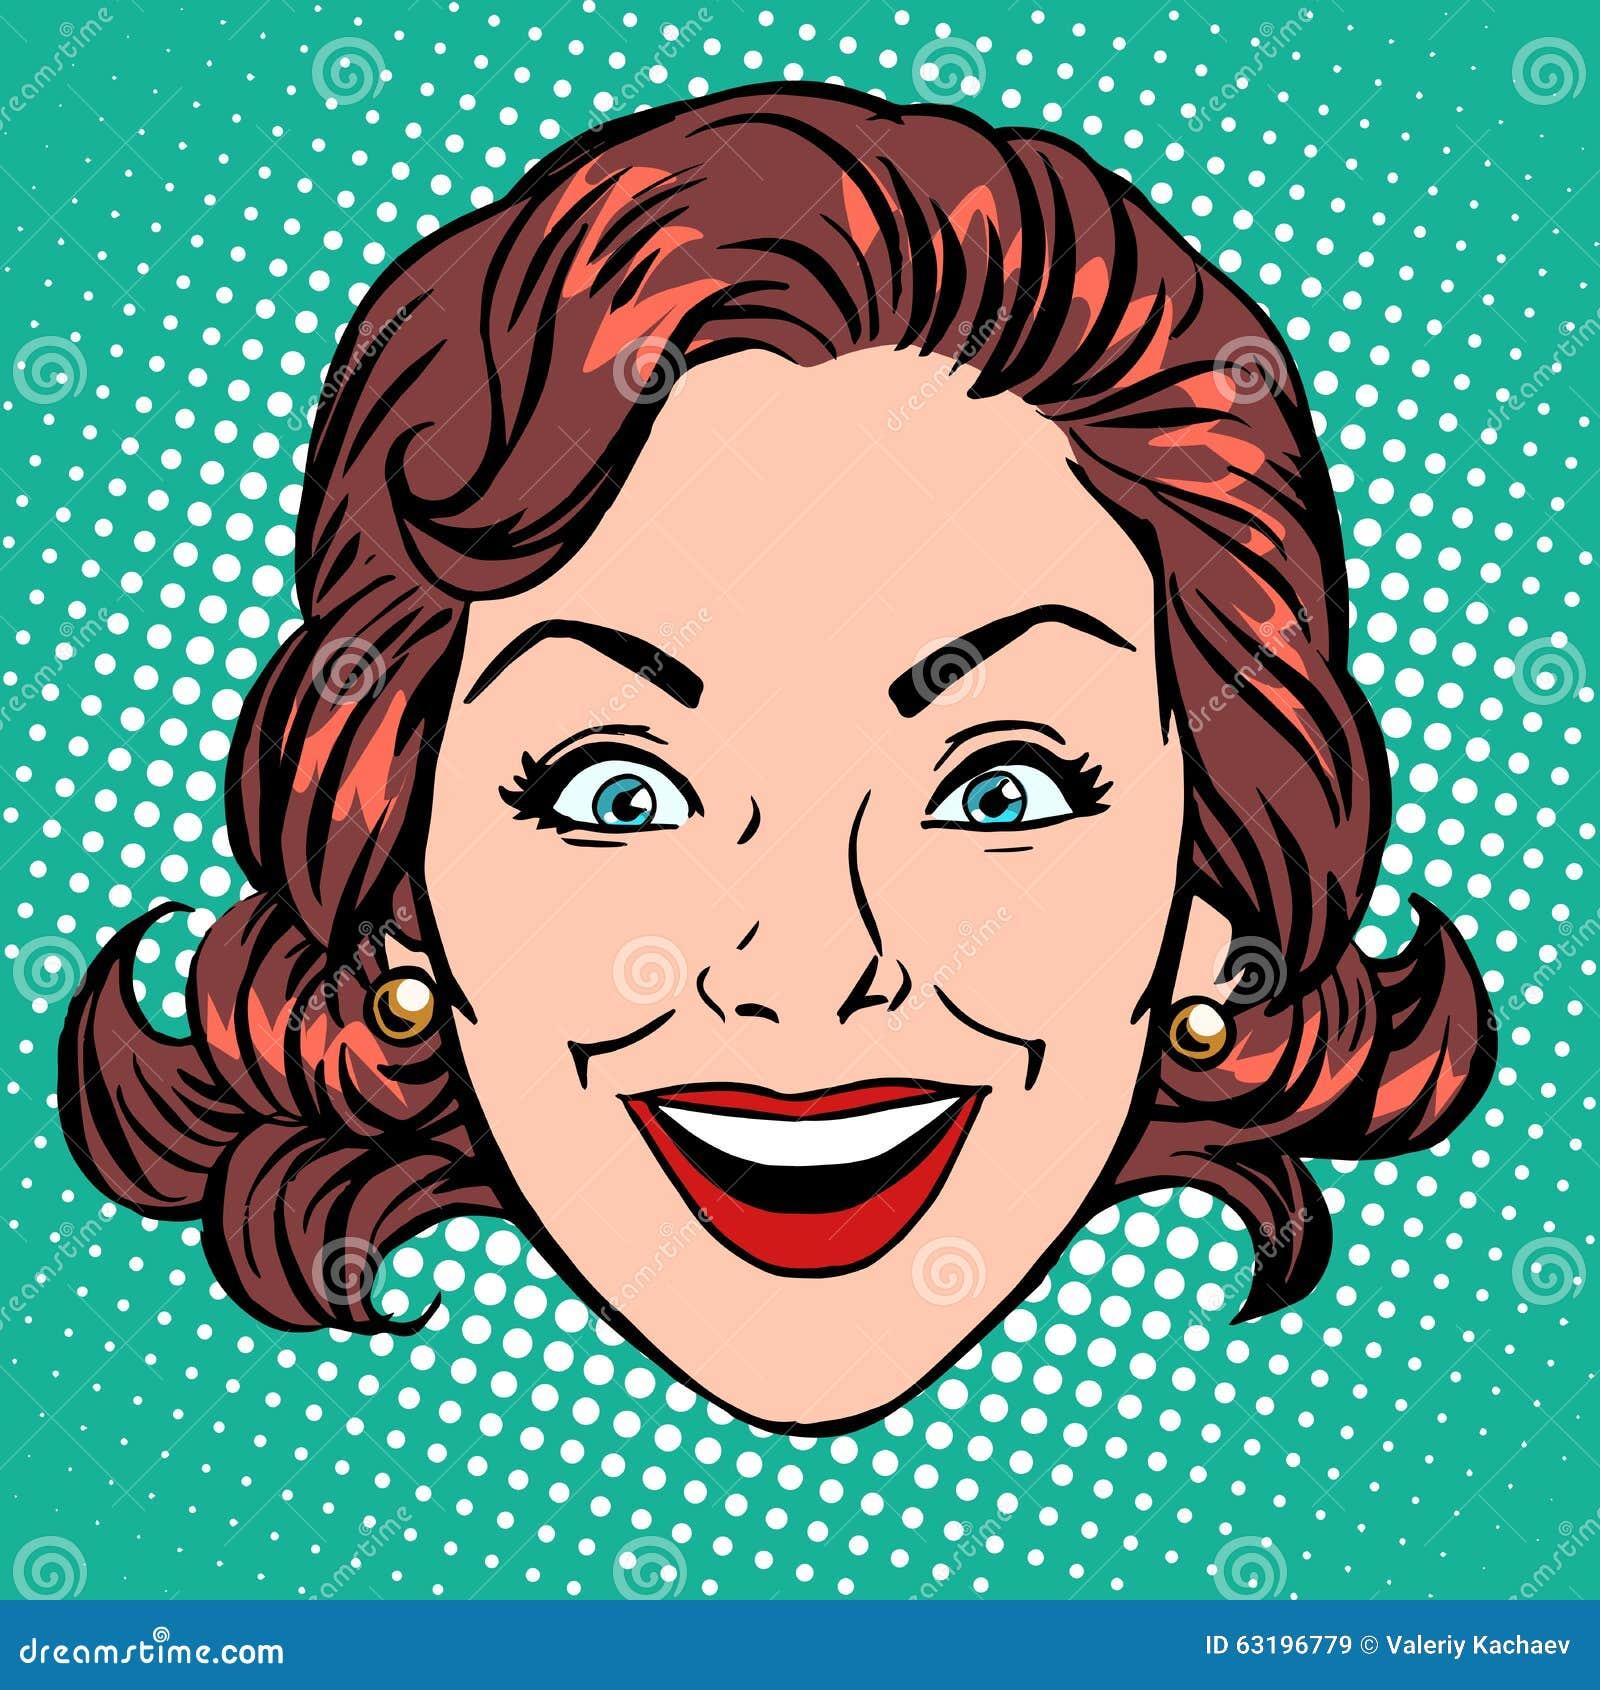 减速火箭的emoji微笑喜悦妇女面孔流行艺术减速火箭的样式.图片